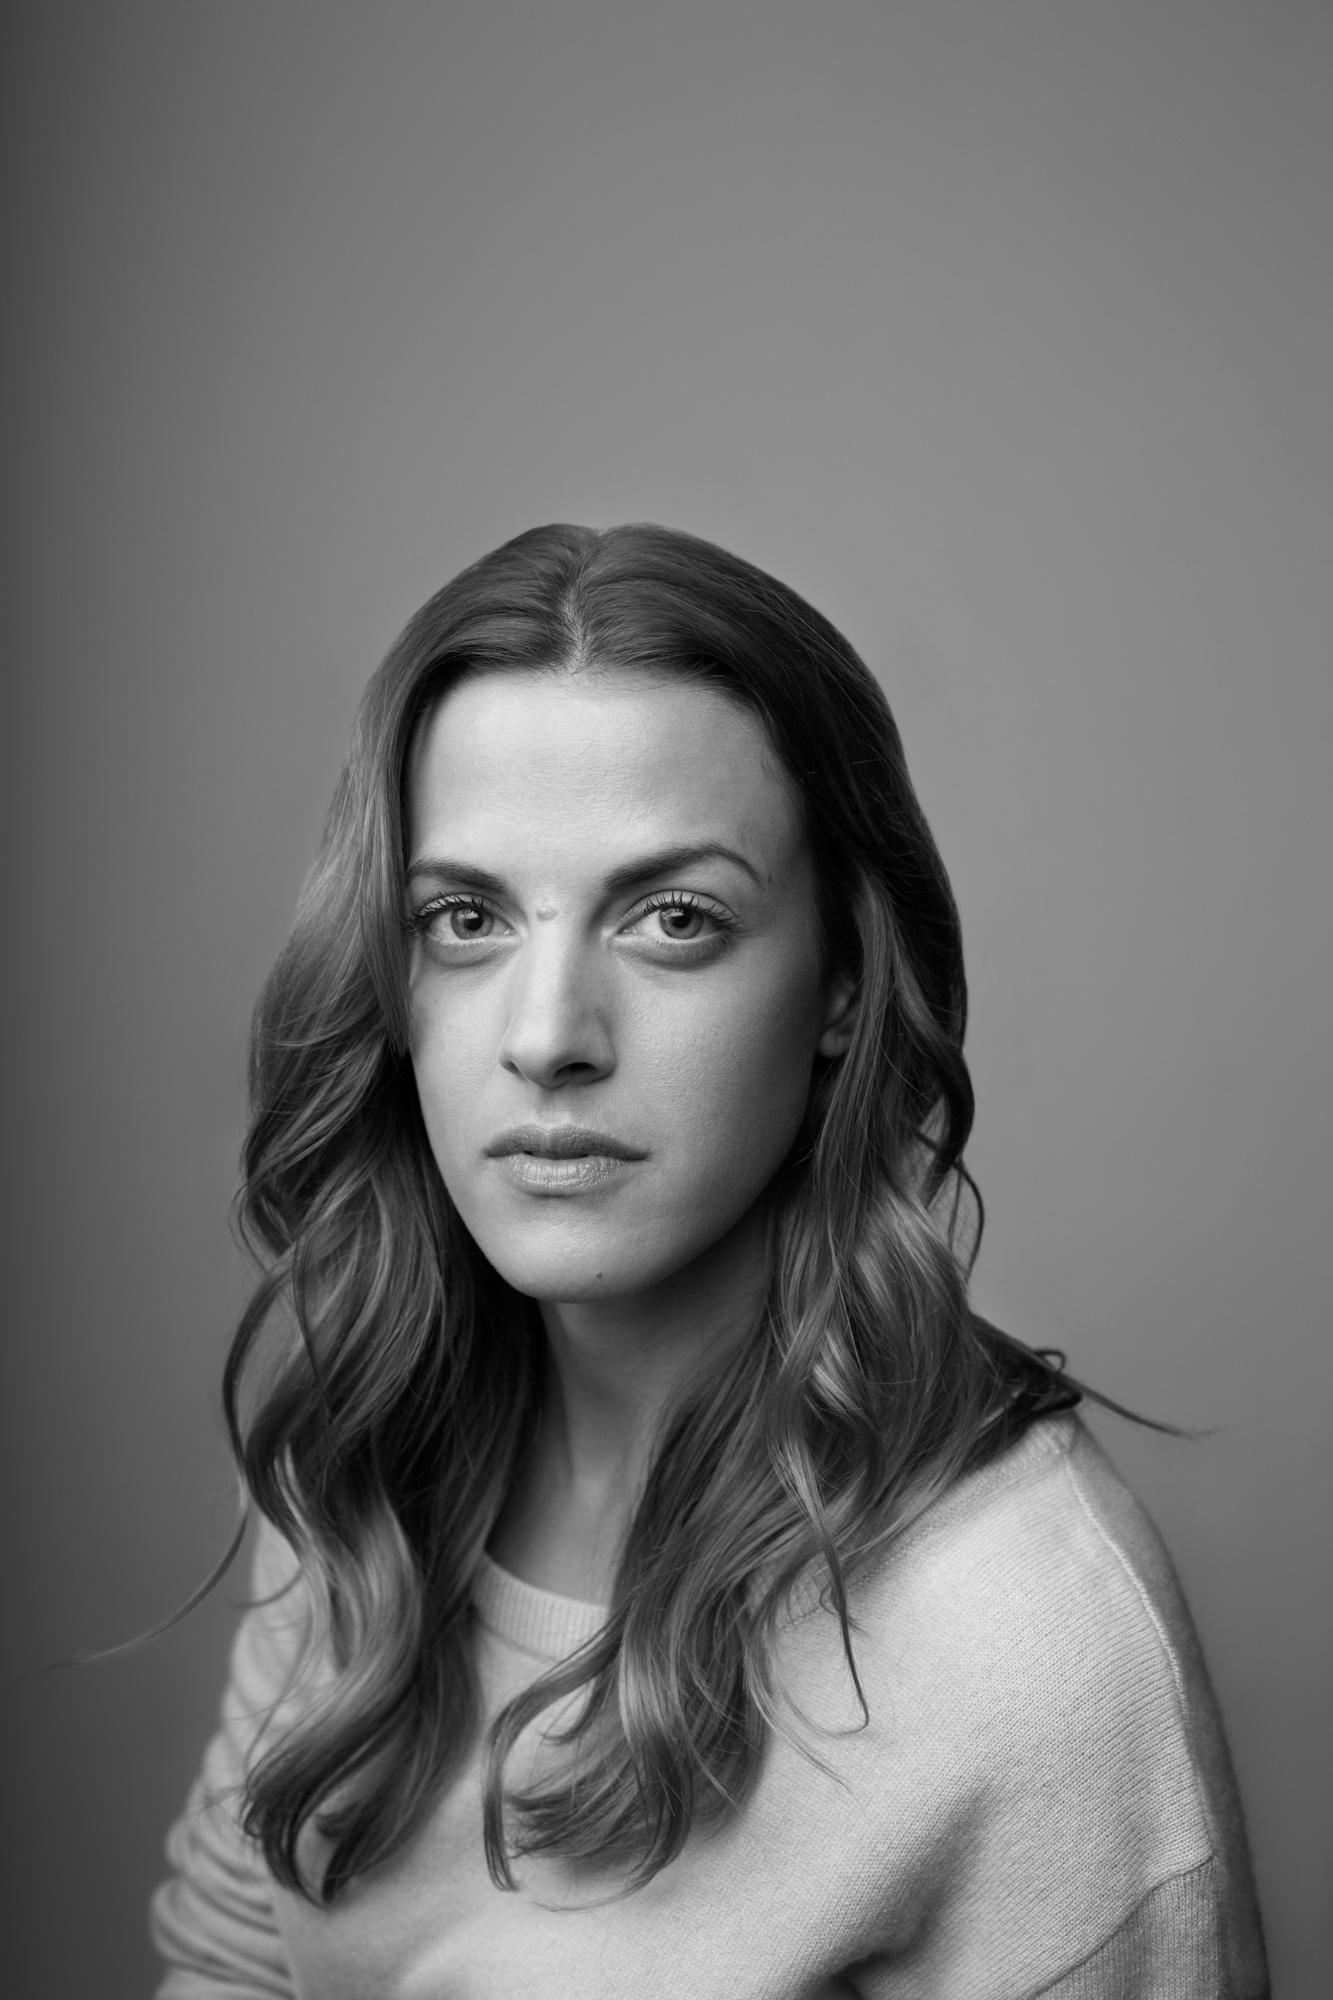 Octavia Friedl, actress